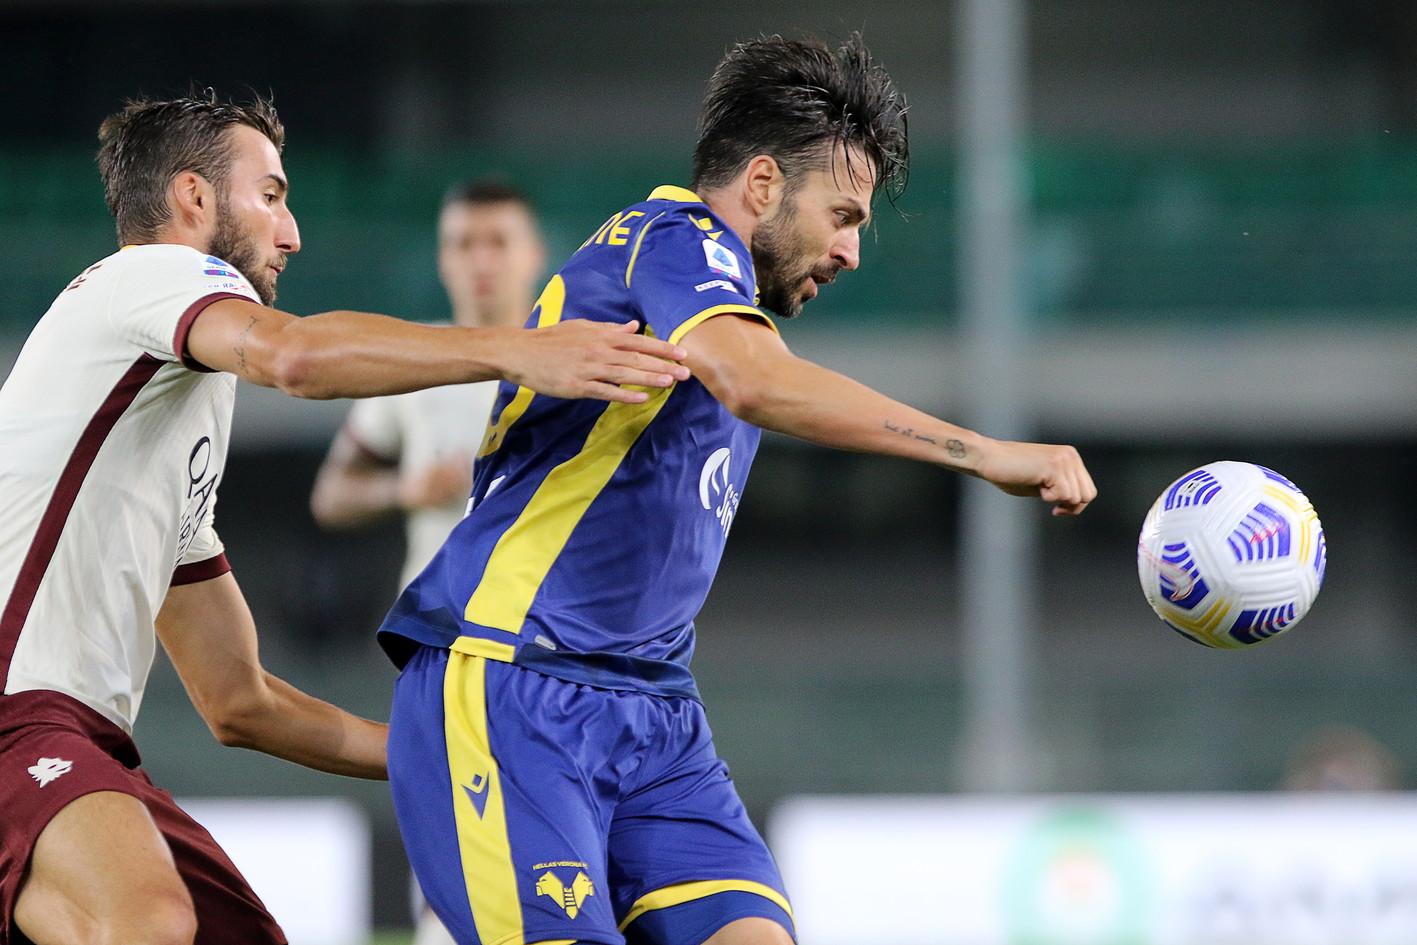 Le migliori immagini di Verona-Roma 0-0<br /><br />